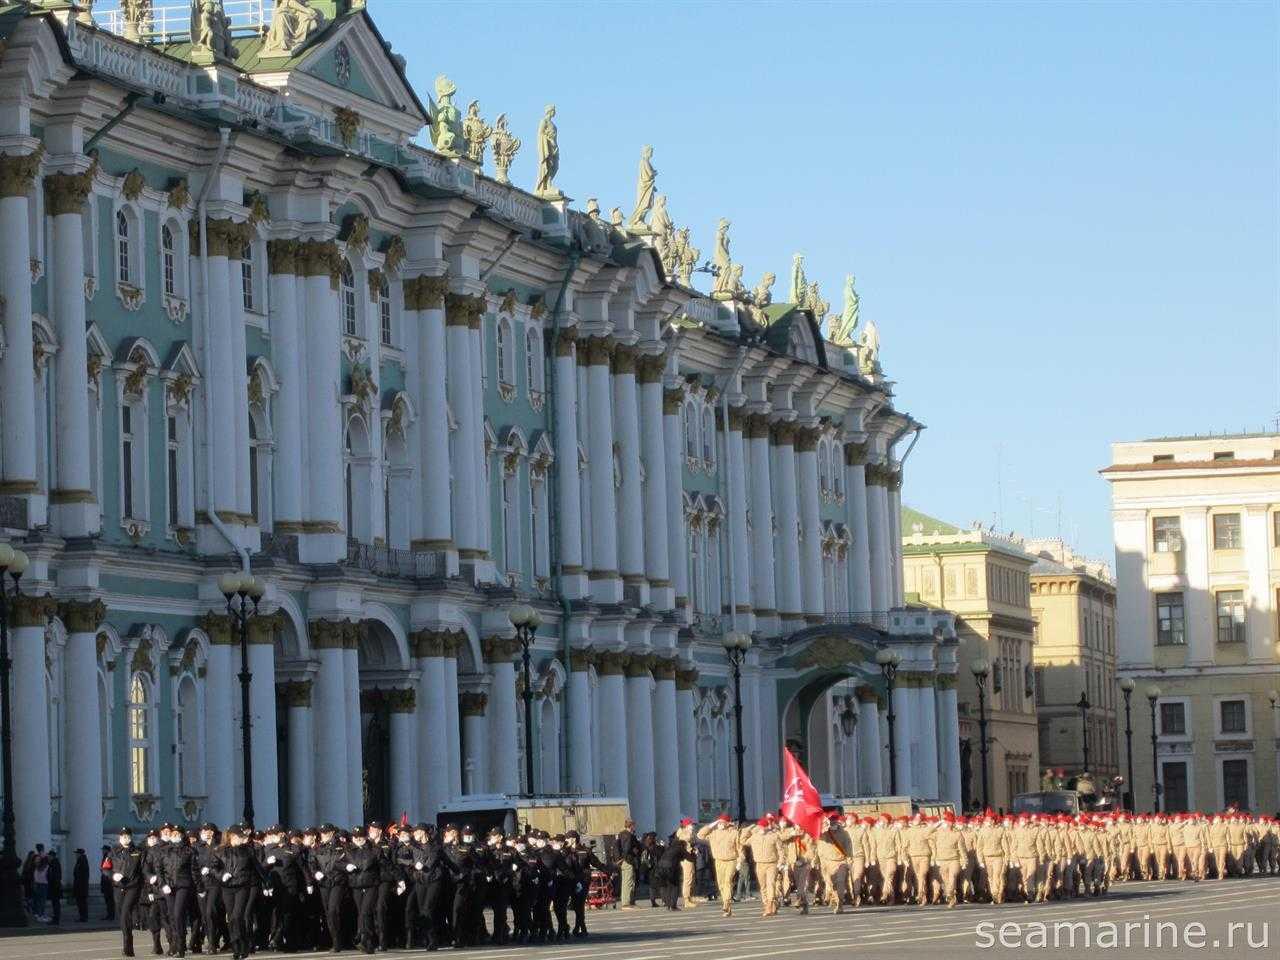 Санкт-Петербург. Дворцовая площадь. Подготовка к параду 9 мая